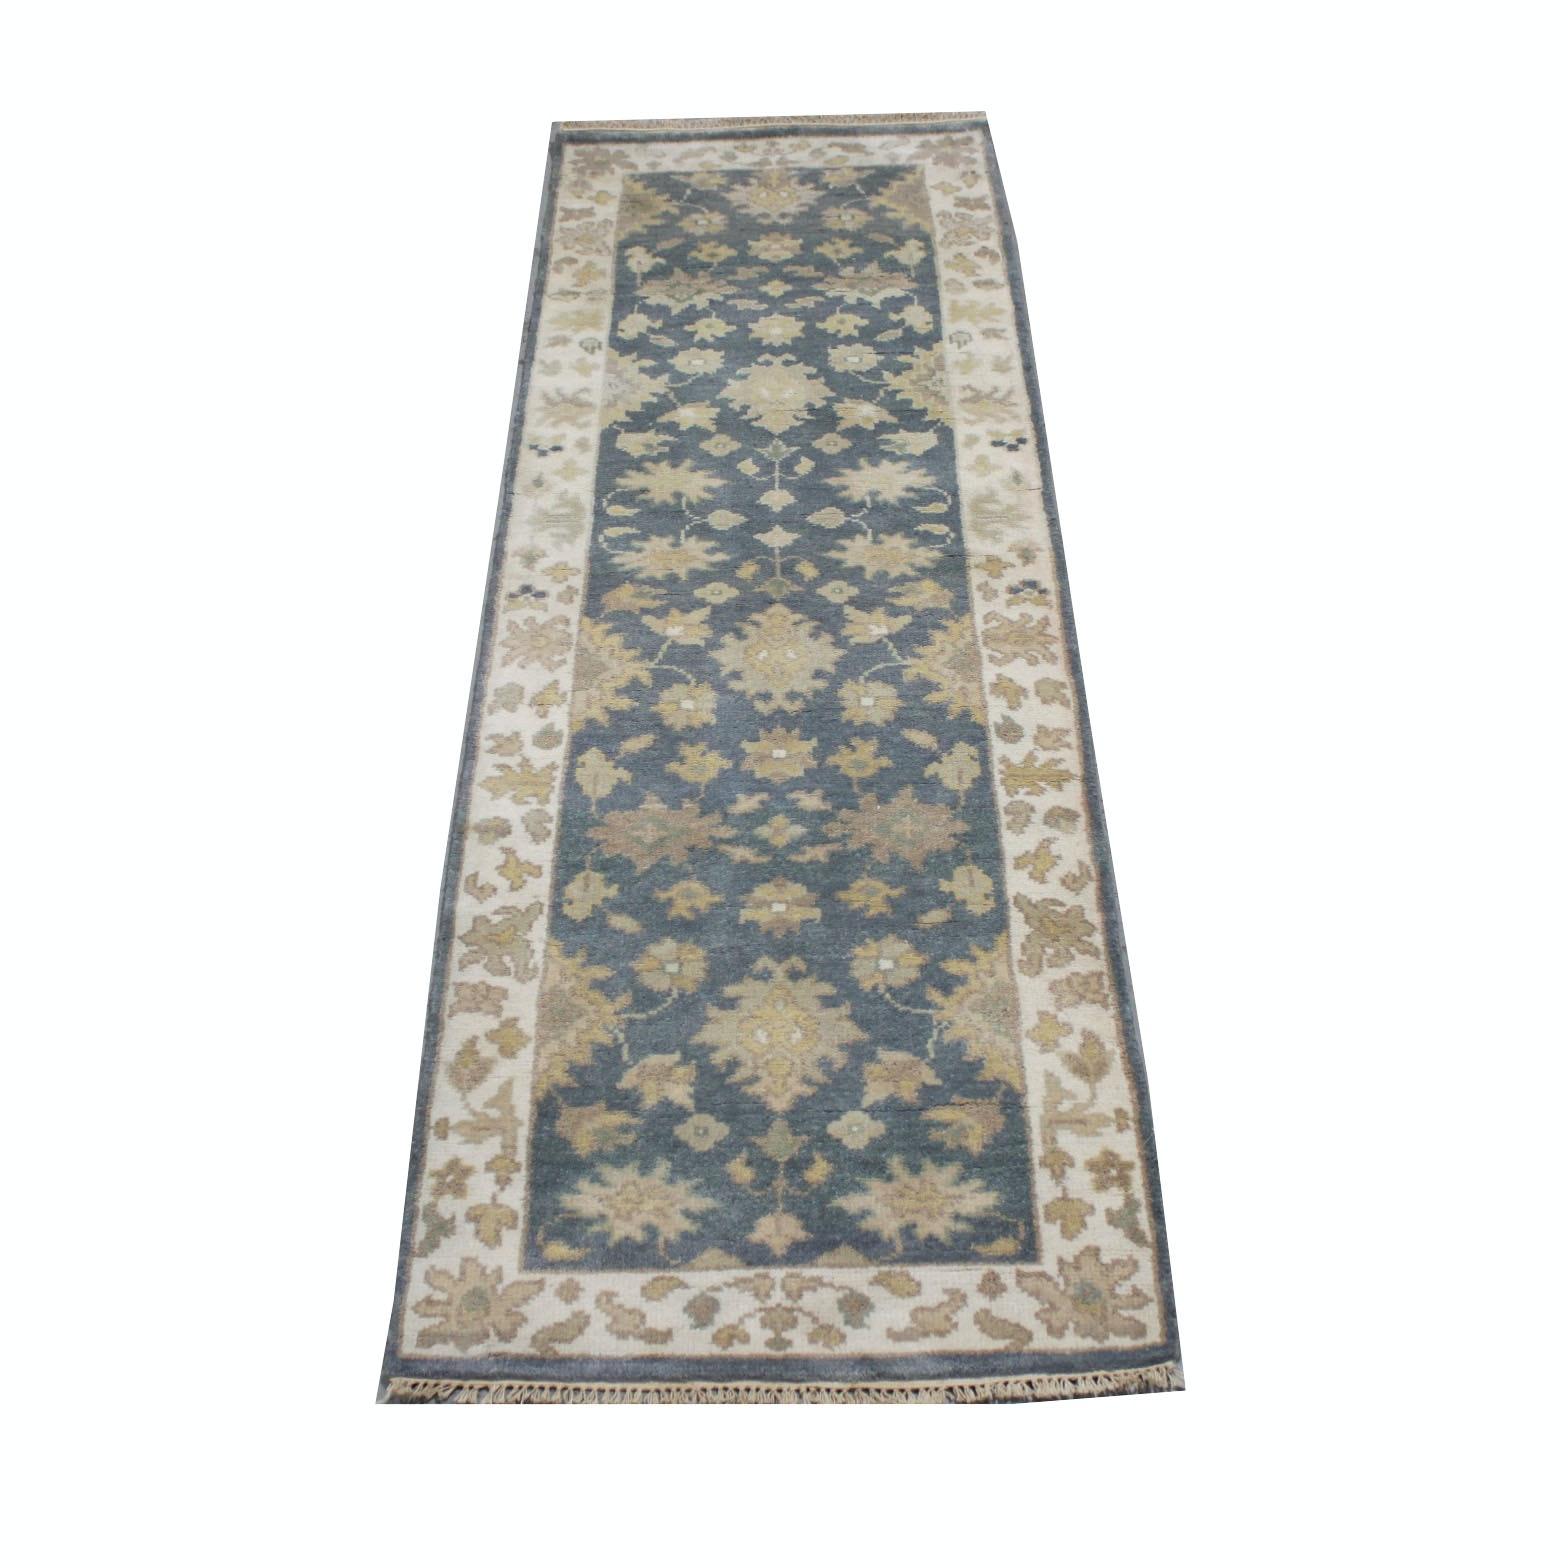 Hand-Knotted Indo-Oushak Chobi Carpet Runner